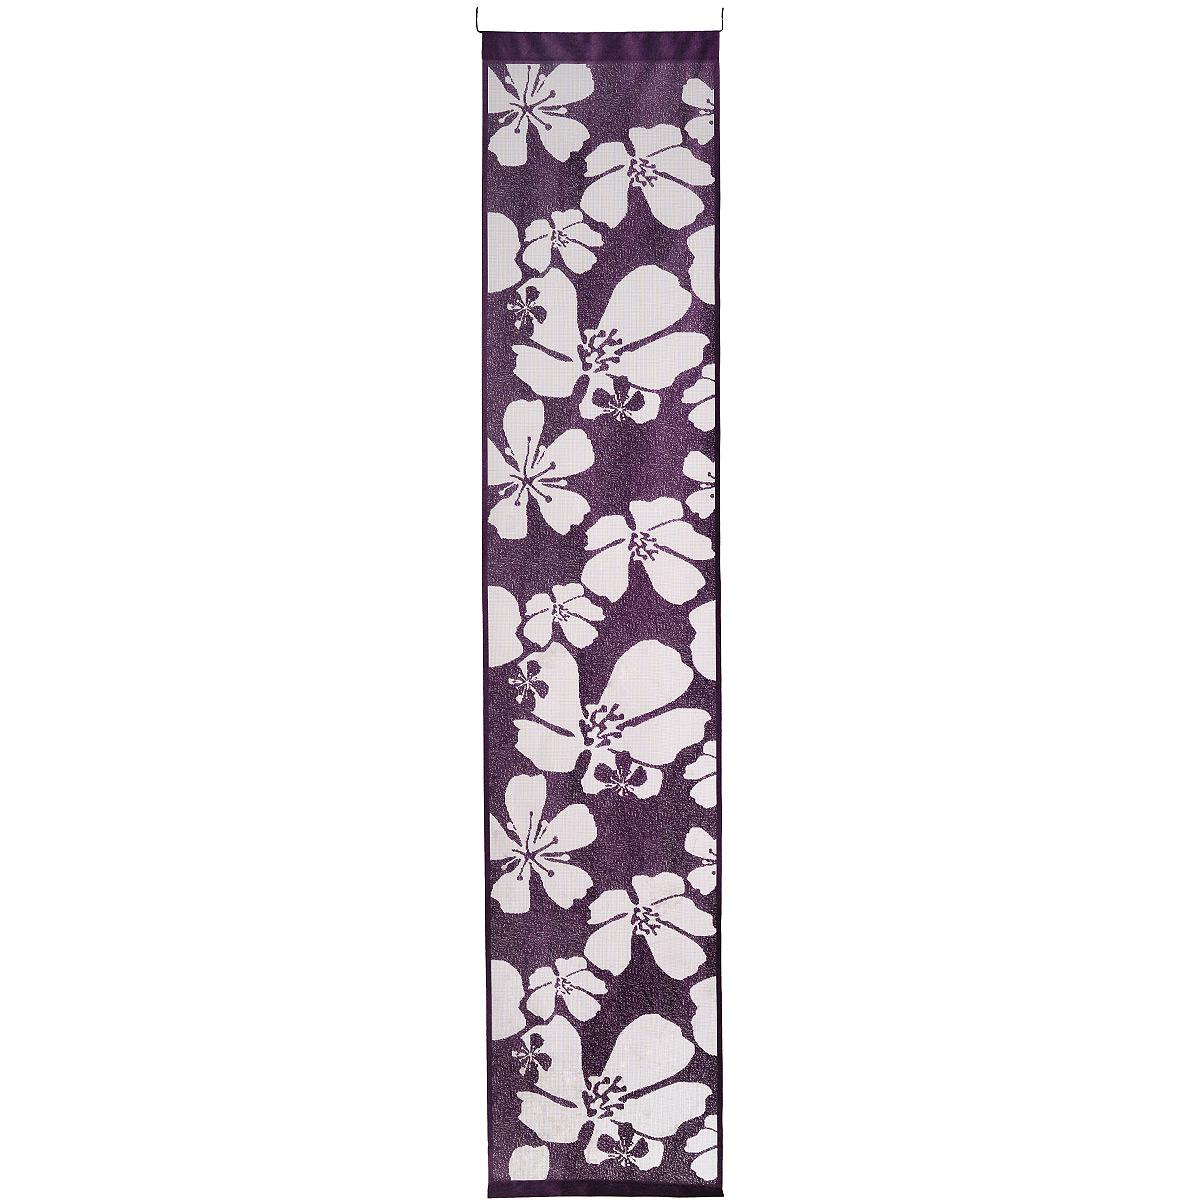 Гардина-панно Wisan, на кулиске, цвет: фиолетовый, высота 240 см. 9897С 3093 - W260 V1Воздушная гардина-панно Wisan, изготовленная из кружевного полиэстера, станет великолепным украшением любого окна. Изящный цветочный рисунок и приятная цветовая гамма привлекут к себе внимание и органично впишутся в интерьер комнаты. Гардина оснащена кулиской для крепления на штангу или на прищепы.